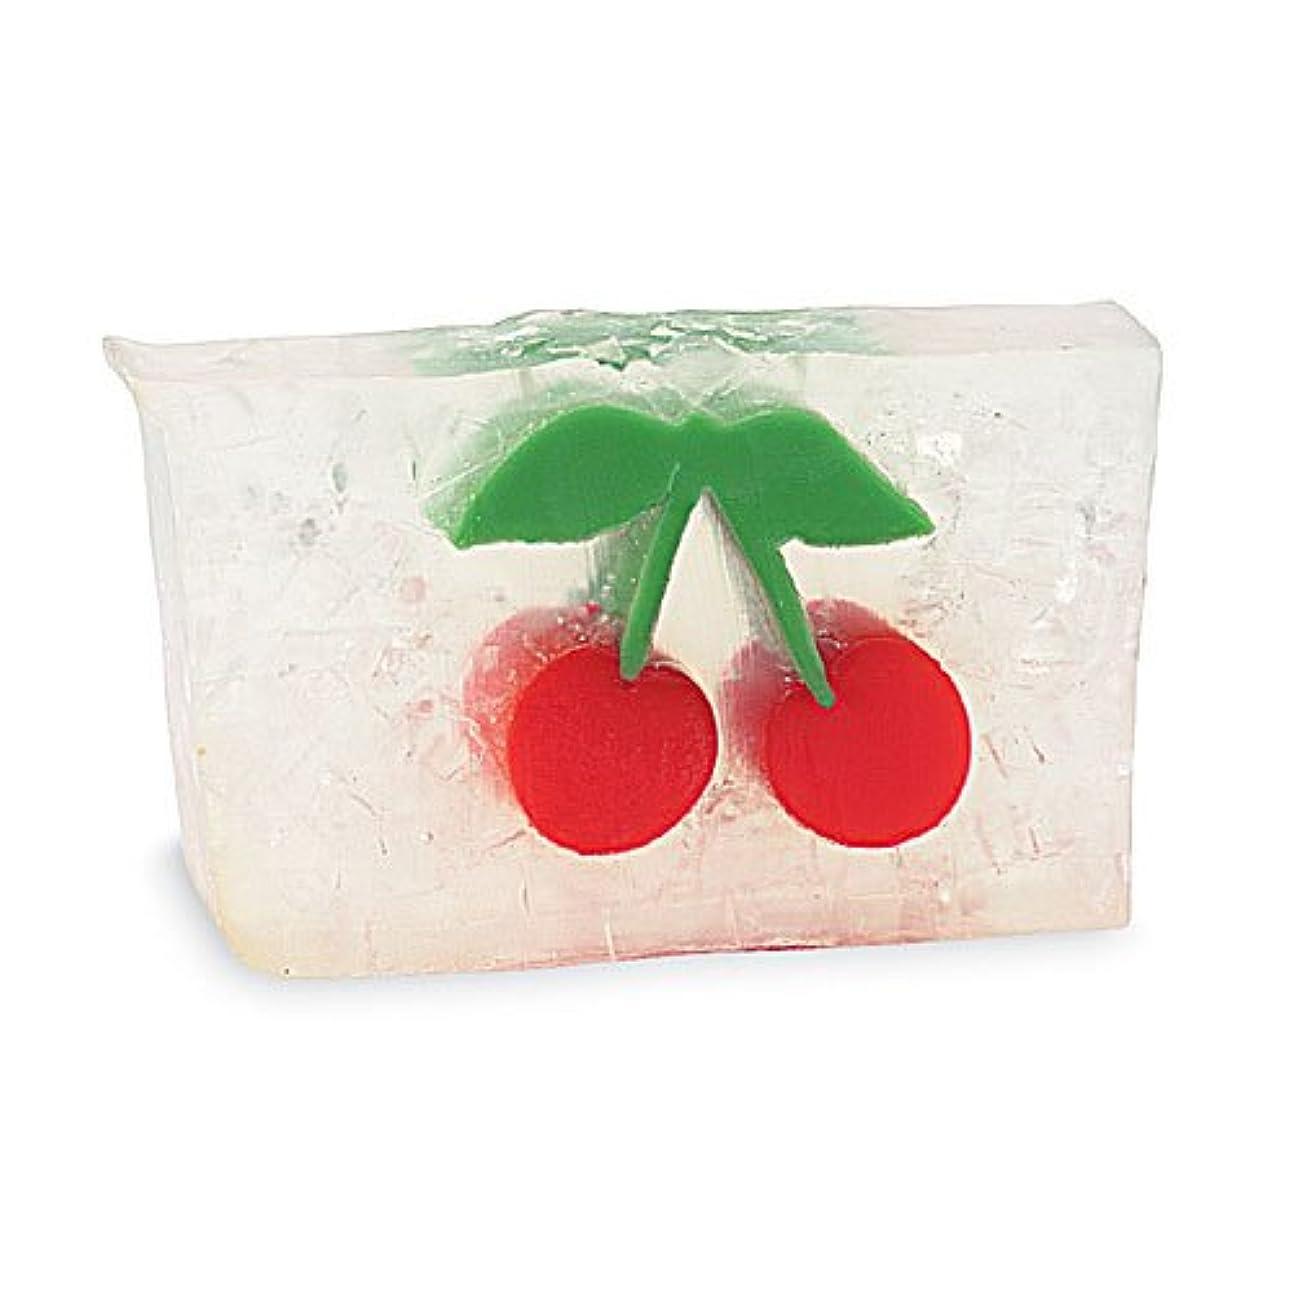 者メンバー楽なプライモールエレメンツ アロマティック ソープ チェリー 180g 植物性 ナチュラル 石鹸 無添加